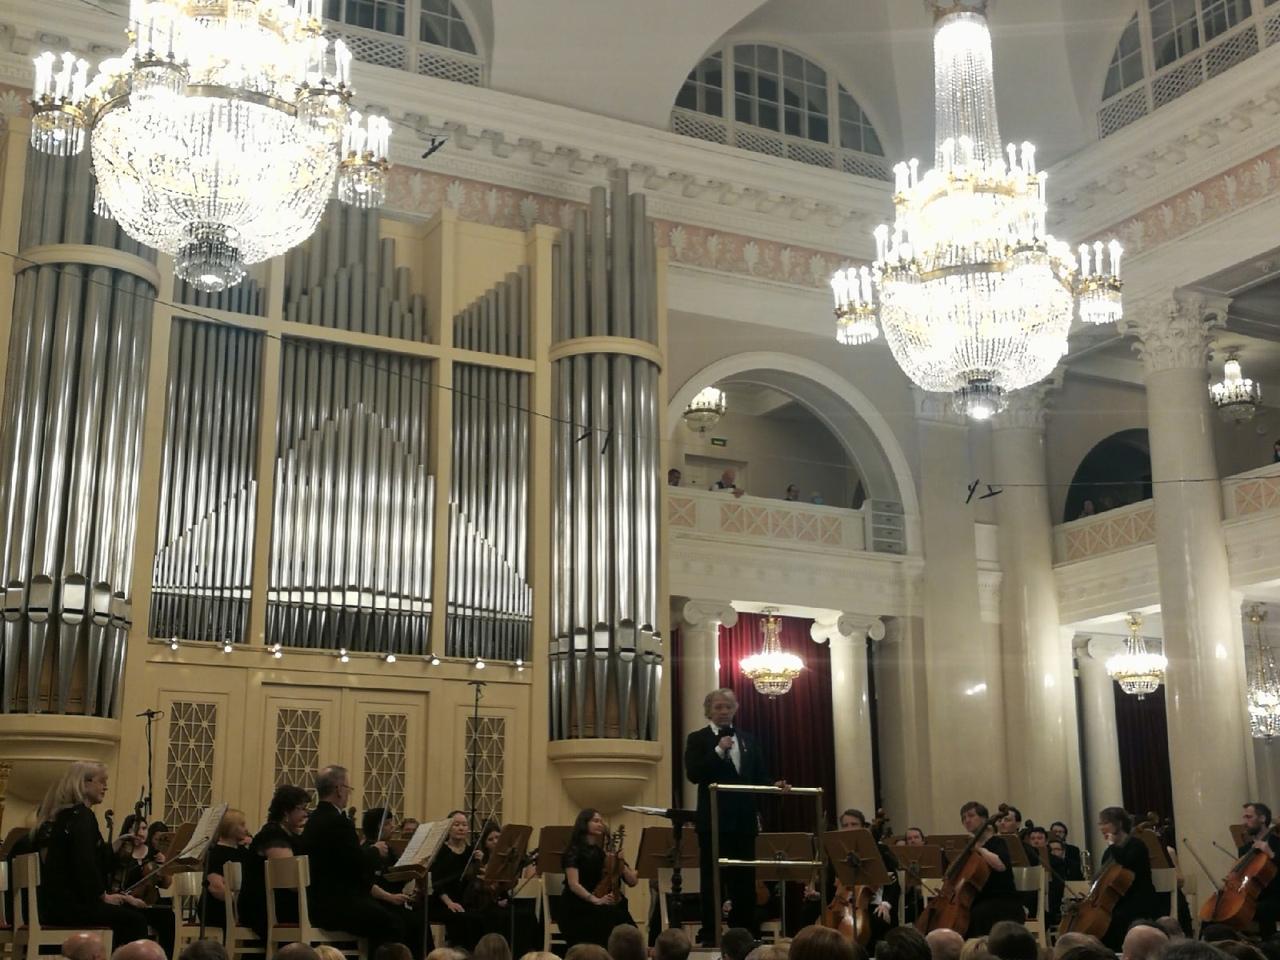 Концерт в честь дня рождения и вручение государственной награды Италии Маэстро Канторову